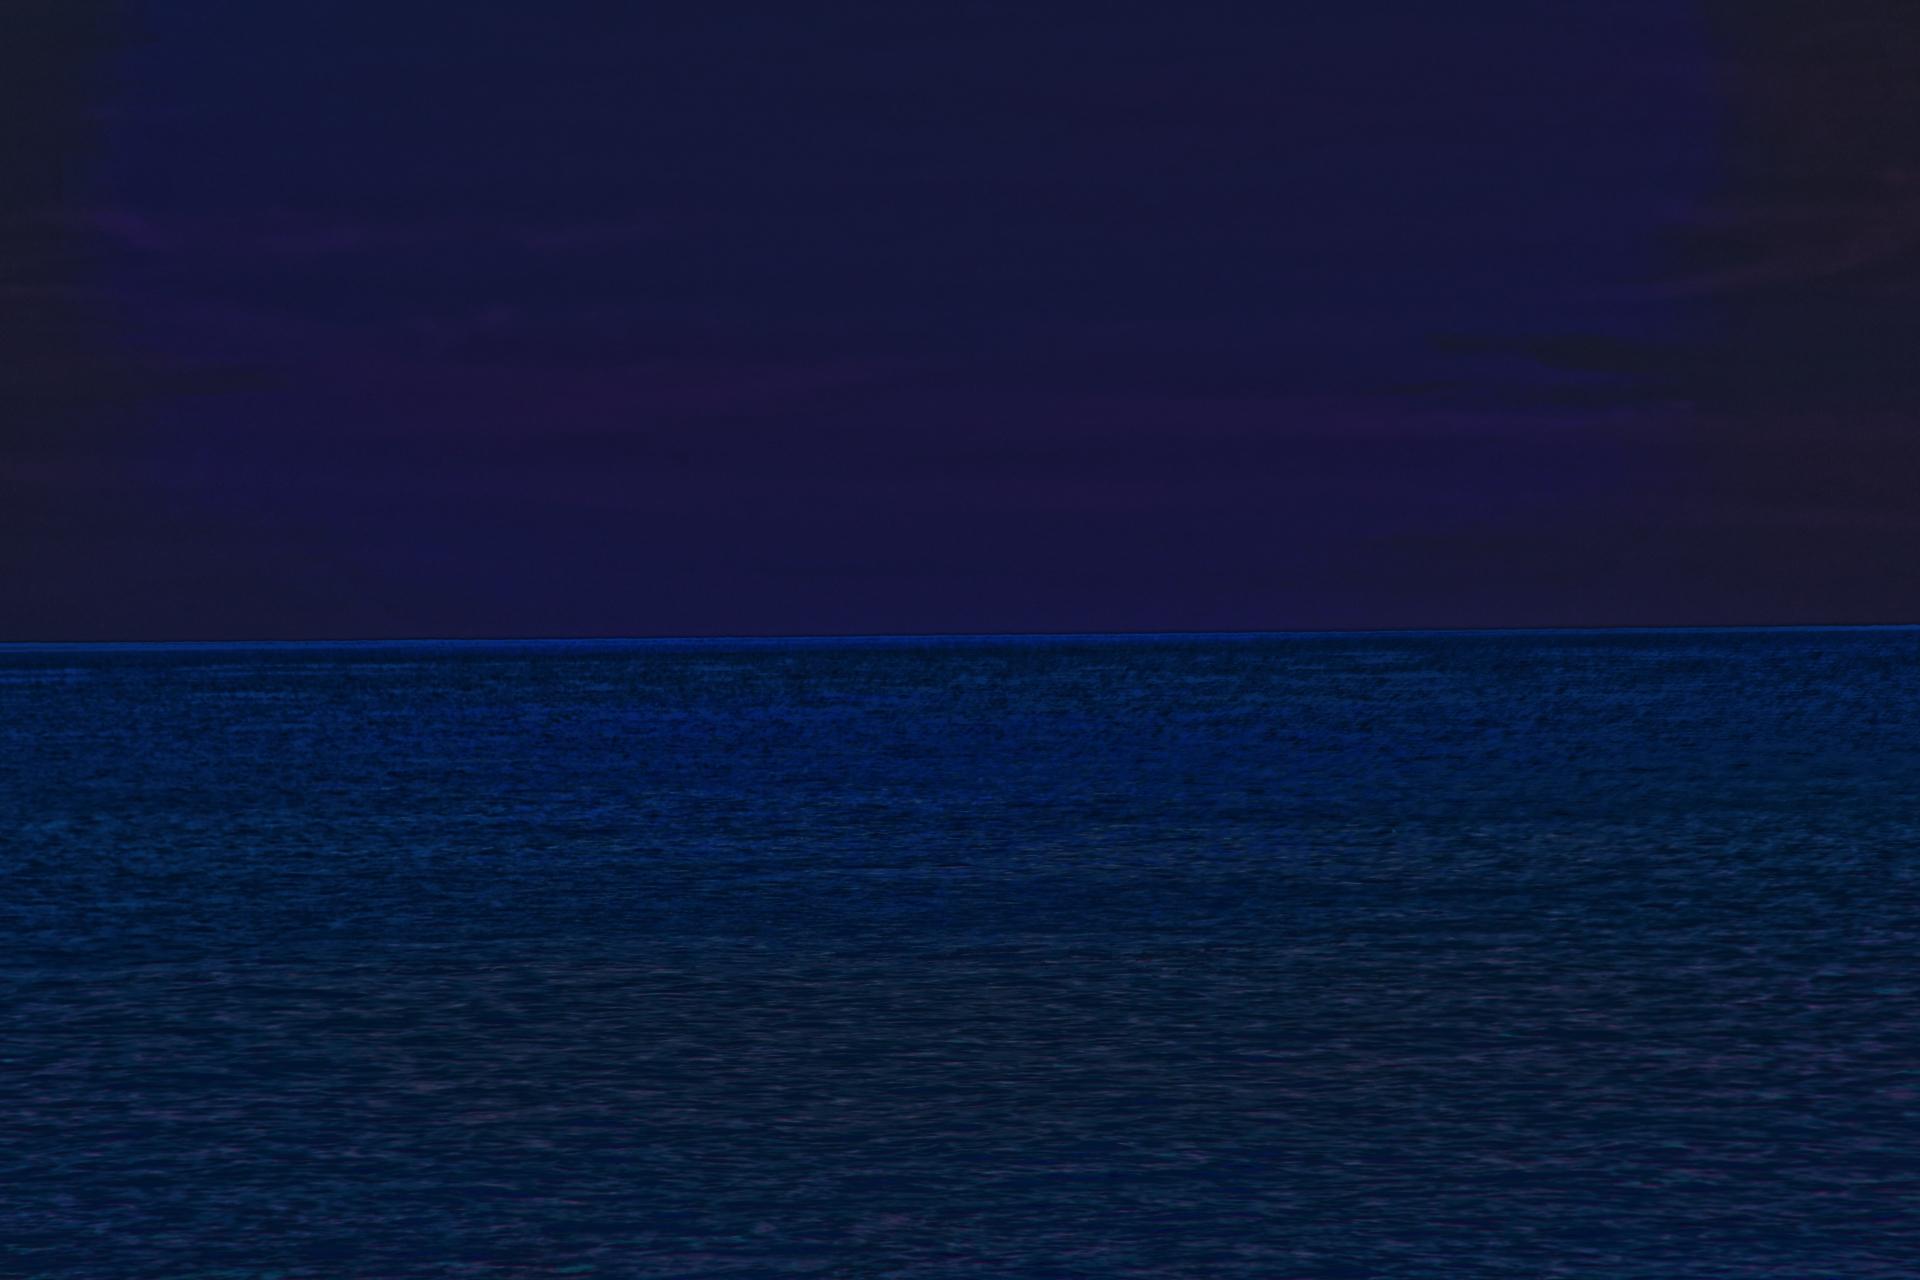 Mittelmeer Sonnenuntergang 2020